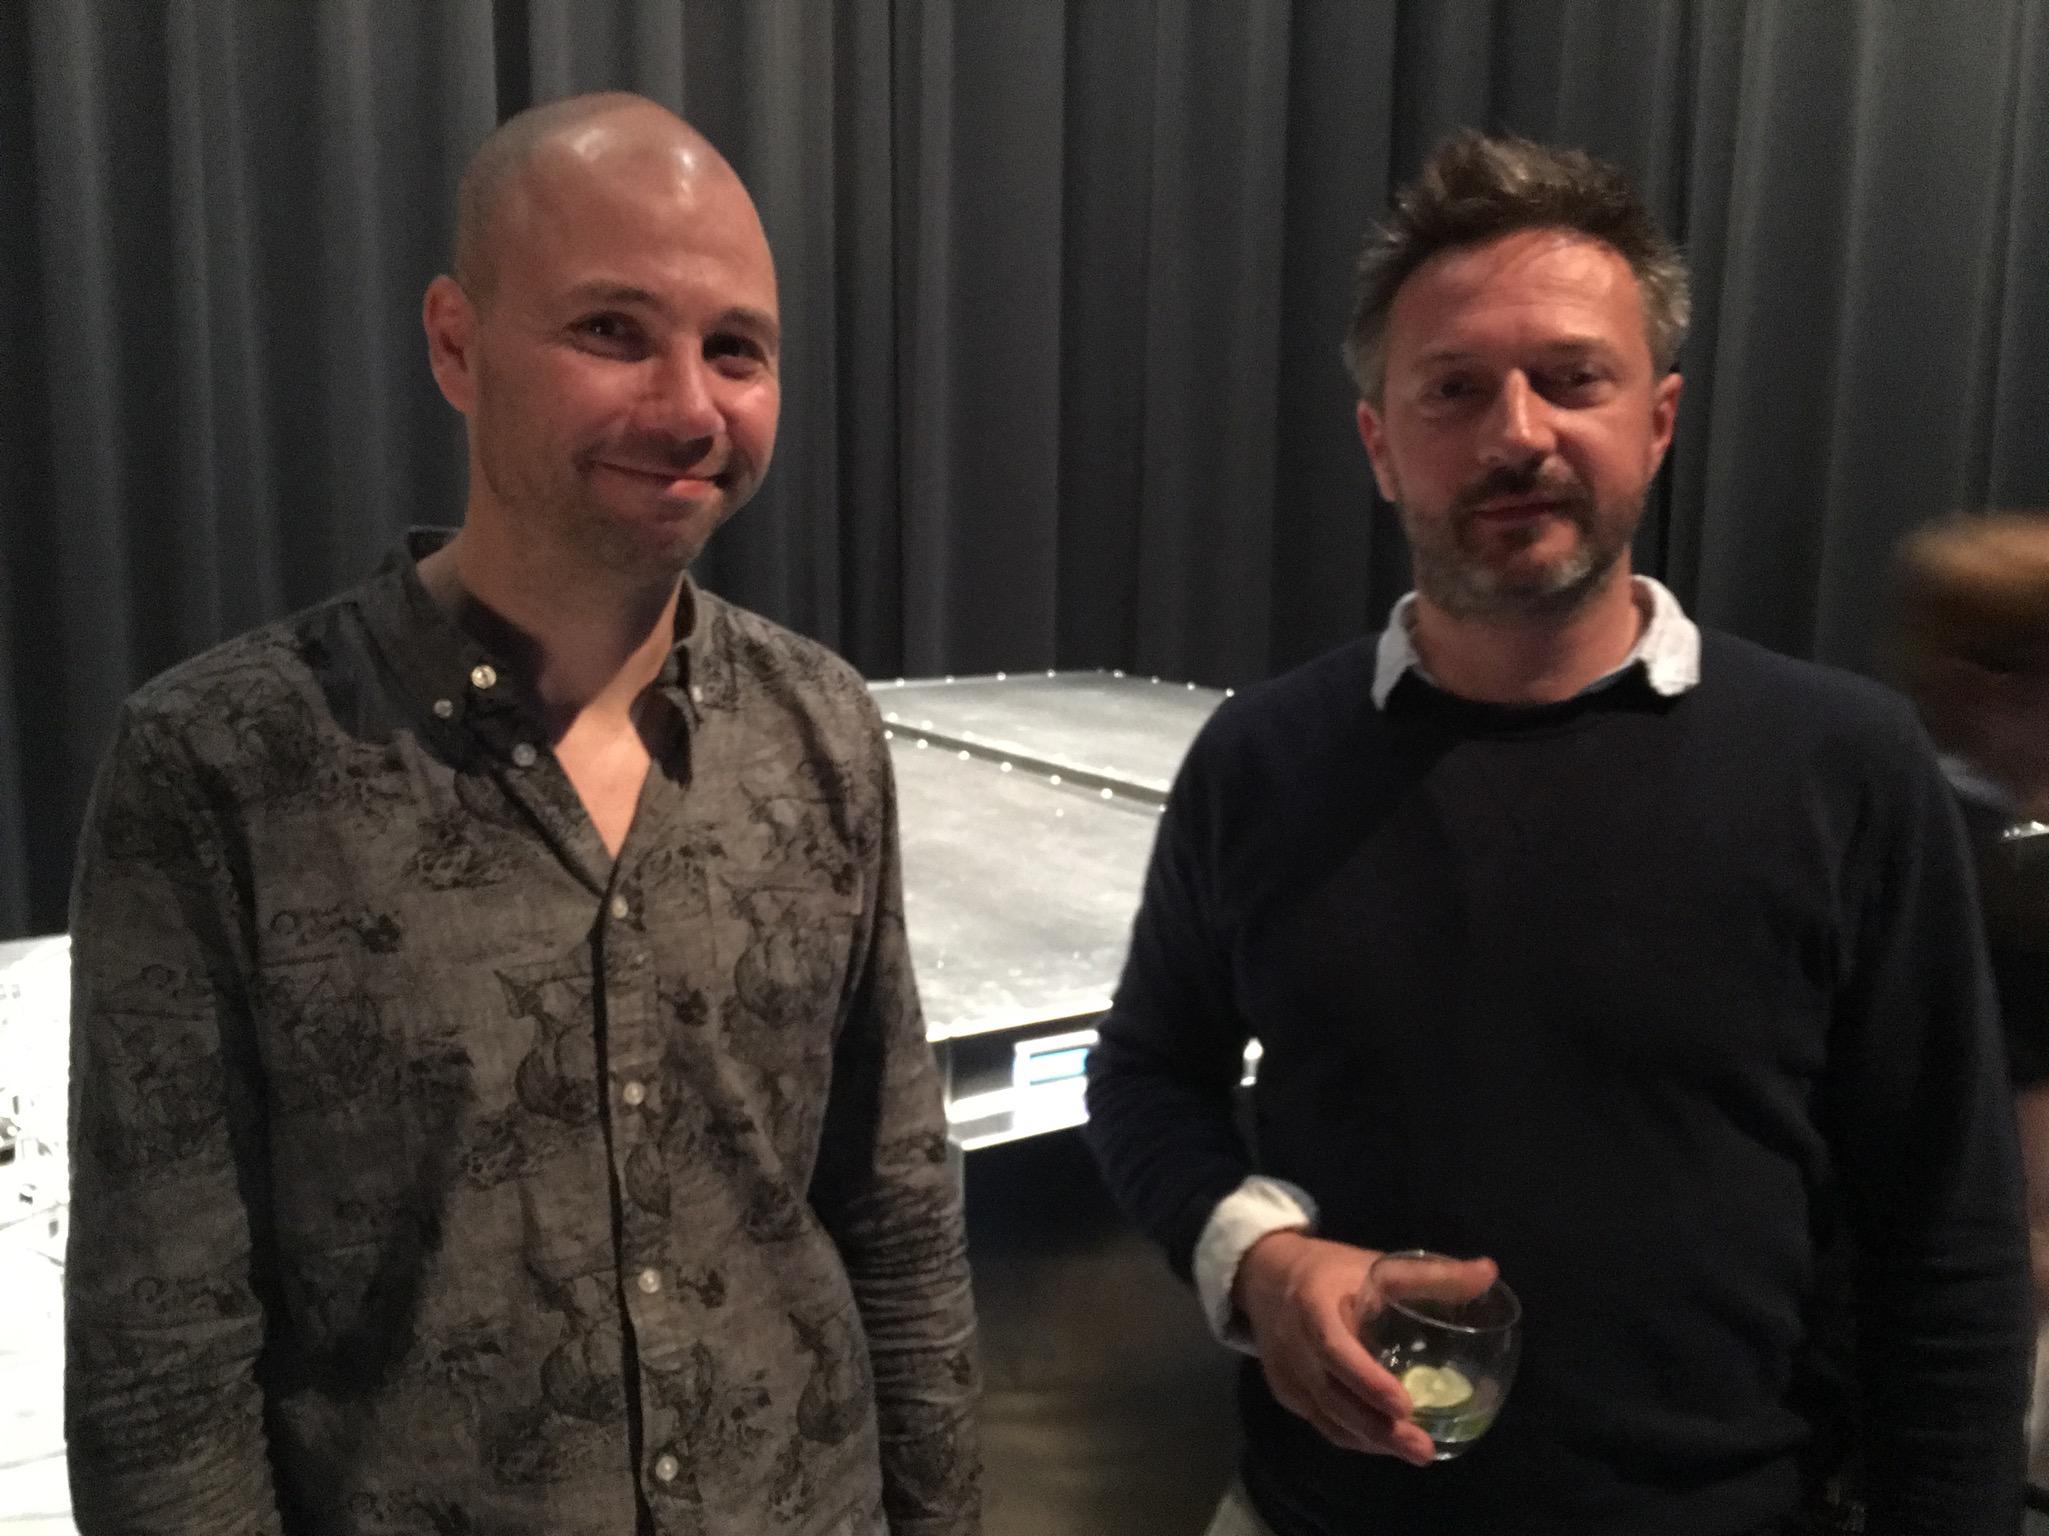 Frederik Duerinck, cinéaste, et Marcel Brakel, metteur en scène,au Centre PHI pour le vernissage de  Sensory Stories : Donner du corps au récit à l'ère numérique.